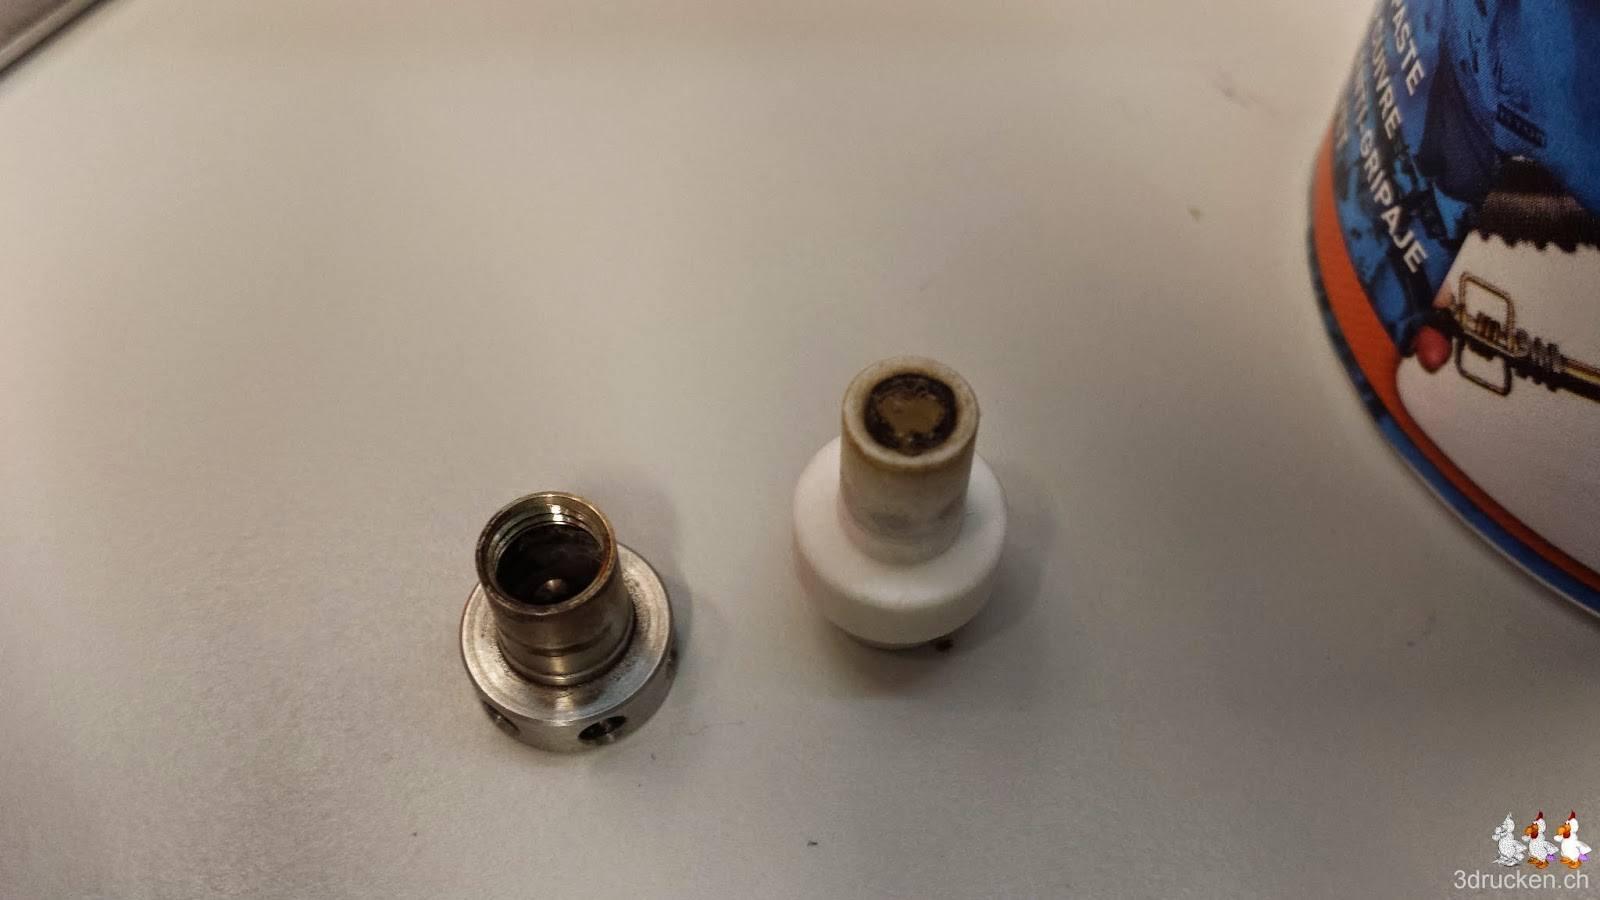 Foto eines angesengten Isolators und eines verunreinigten Metallteils